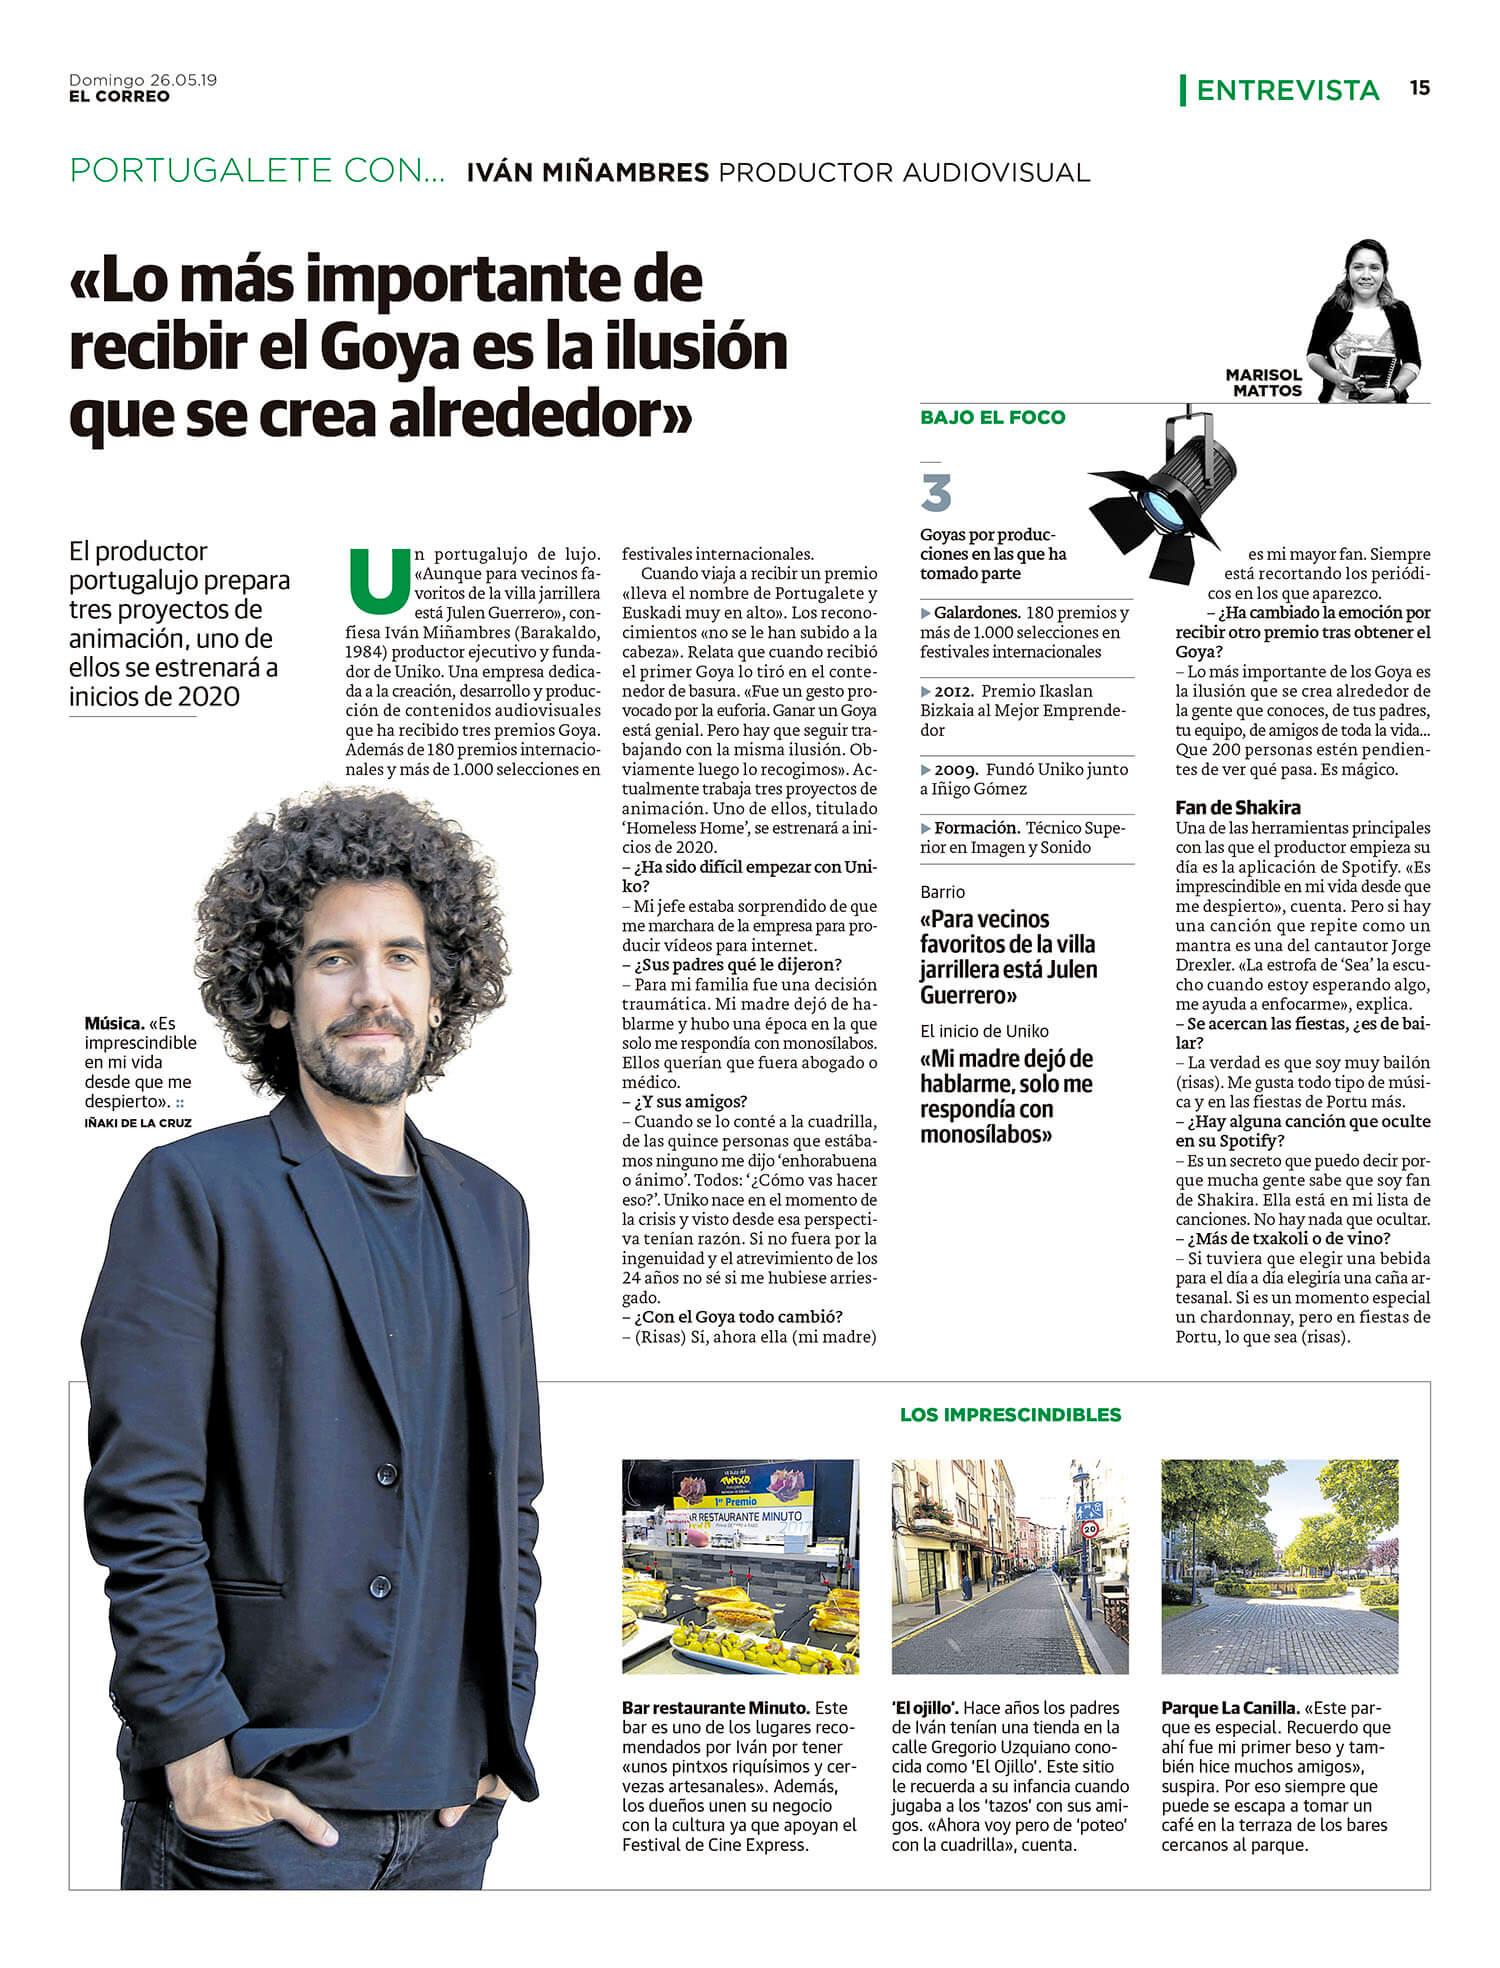 Entrevista Iván Miñambres